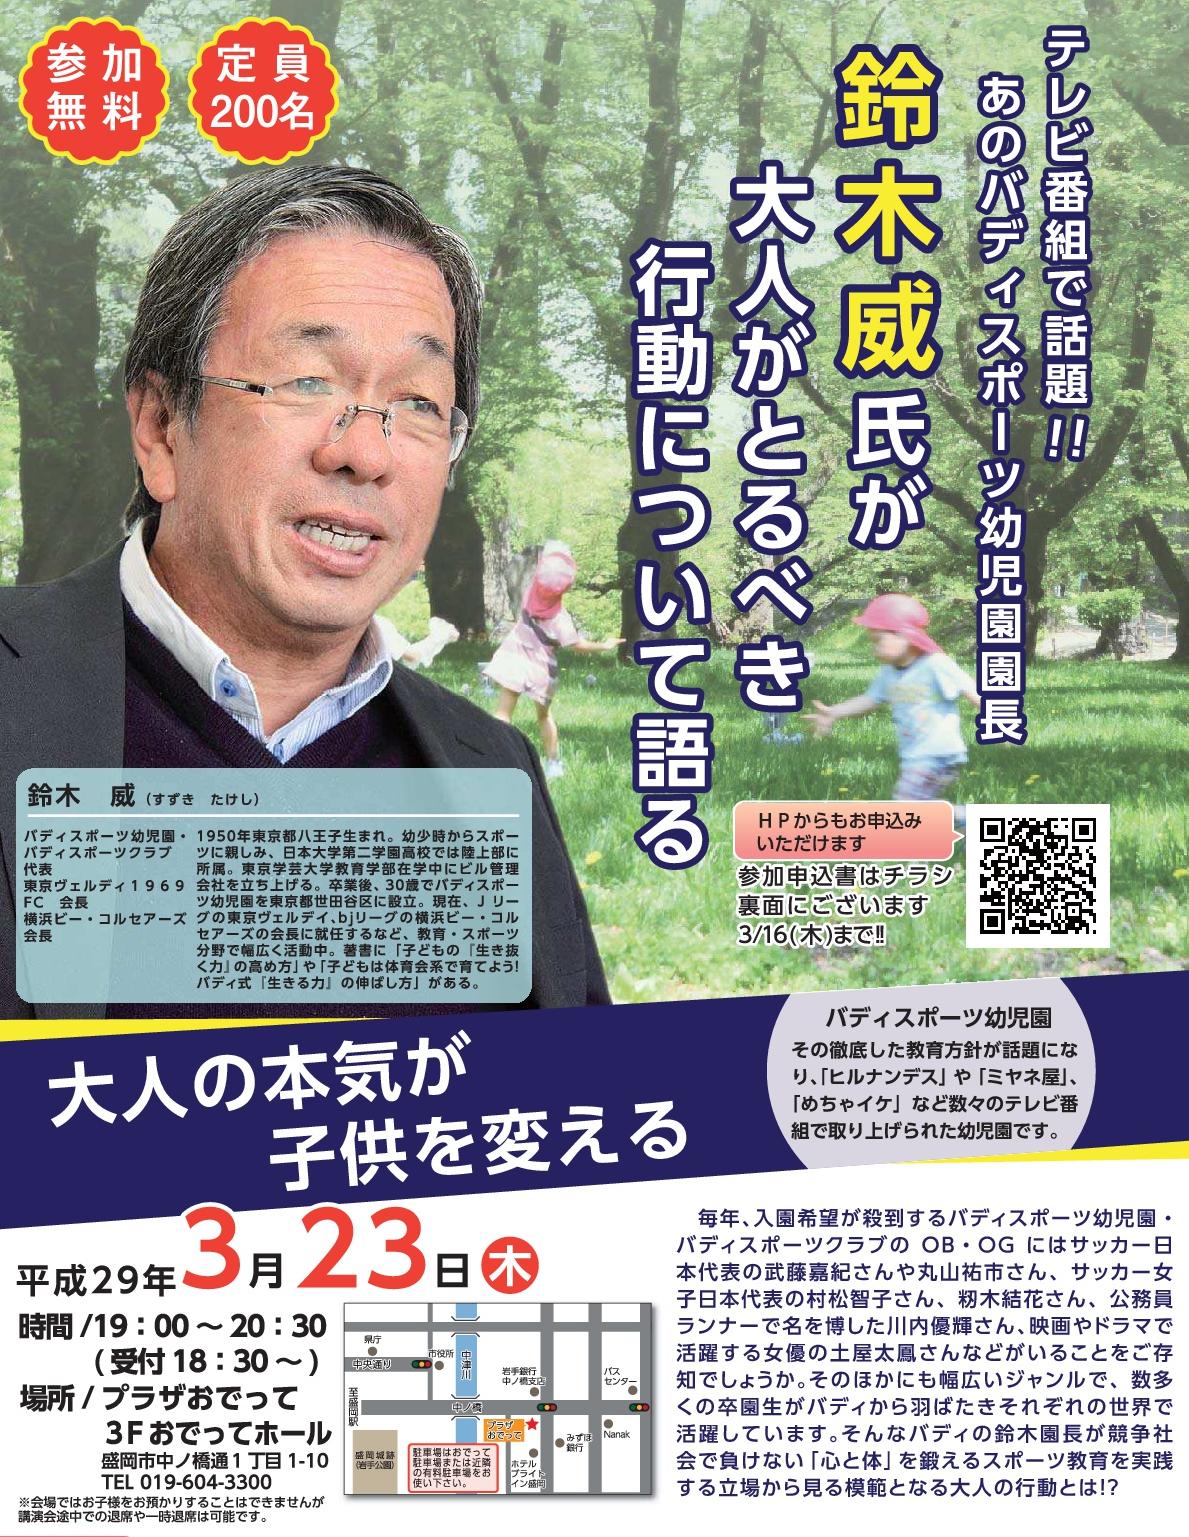 【必見‼】 鈴木威氏講演会 ~大人の本気が子供を変える~